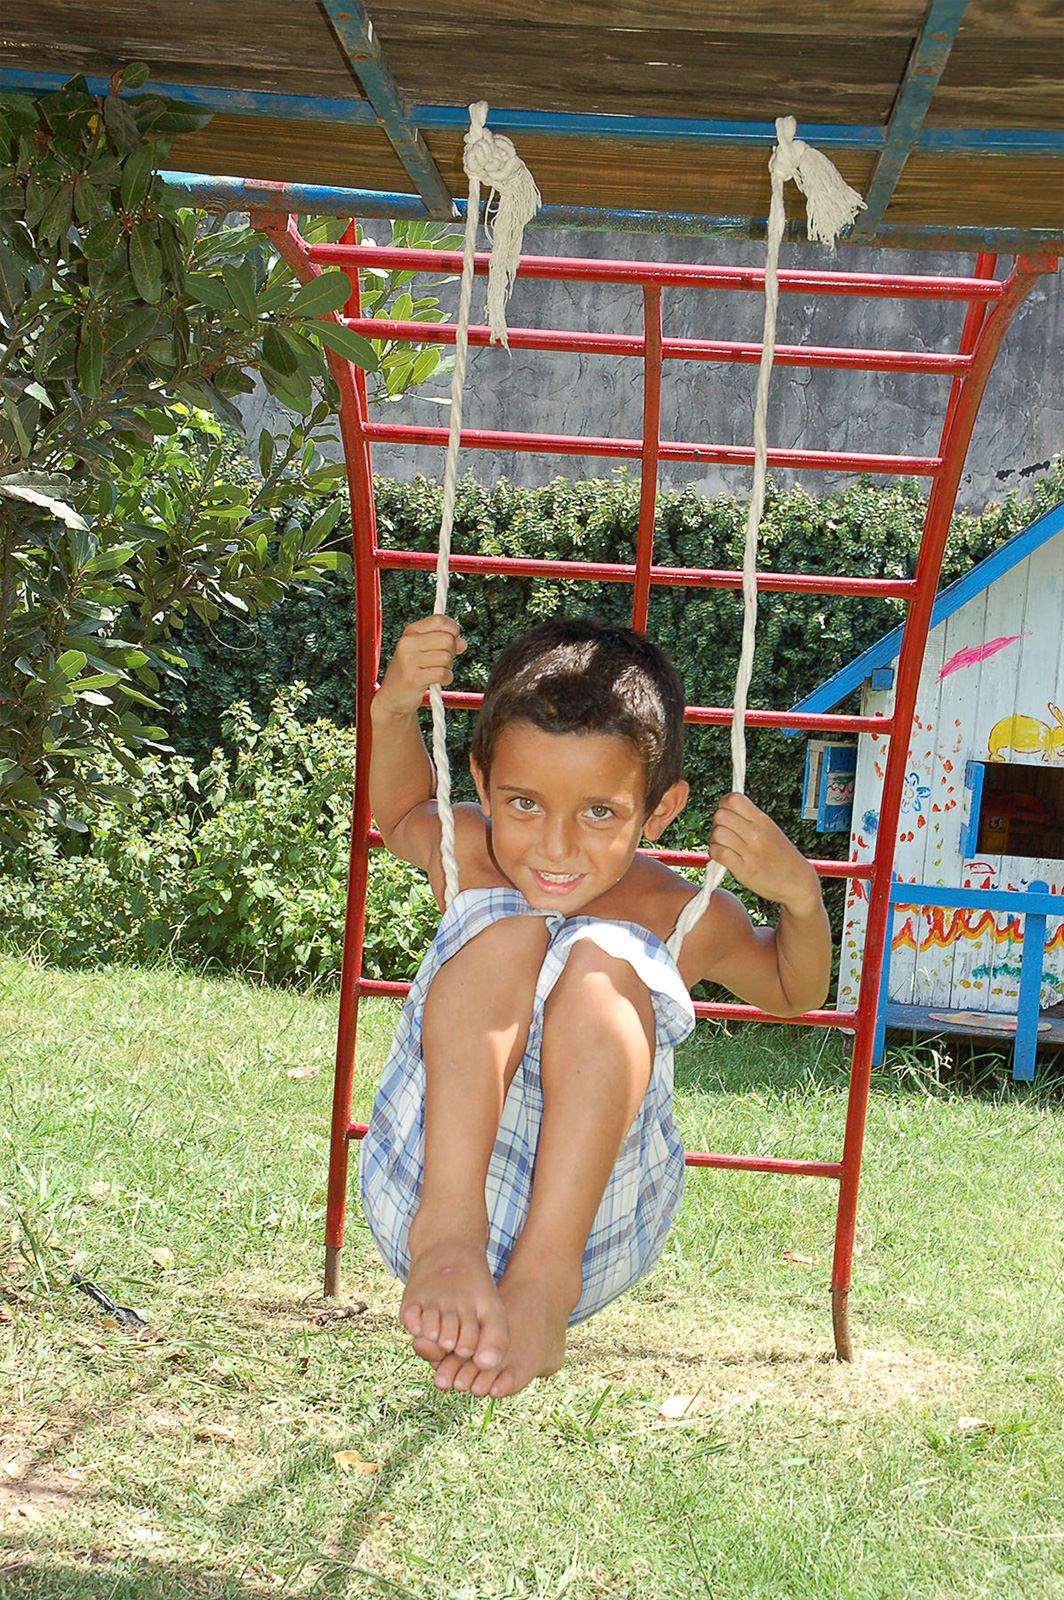 Ein Junge aus Argentinien spielt an einem Klettergerüst